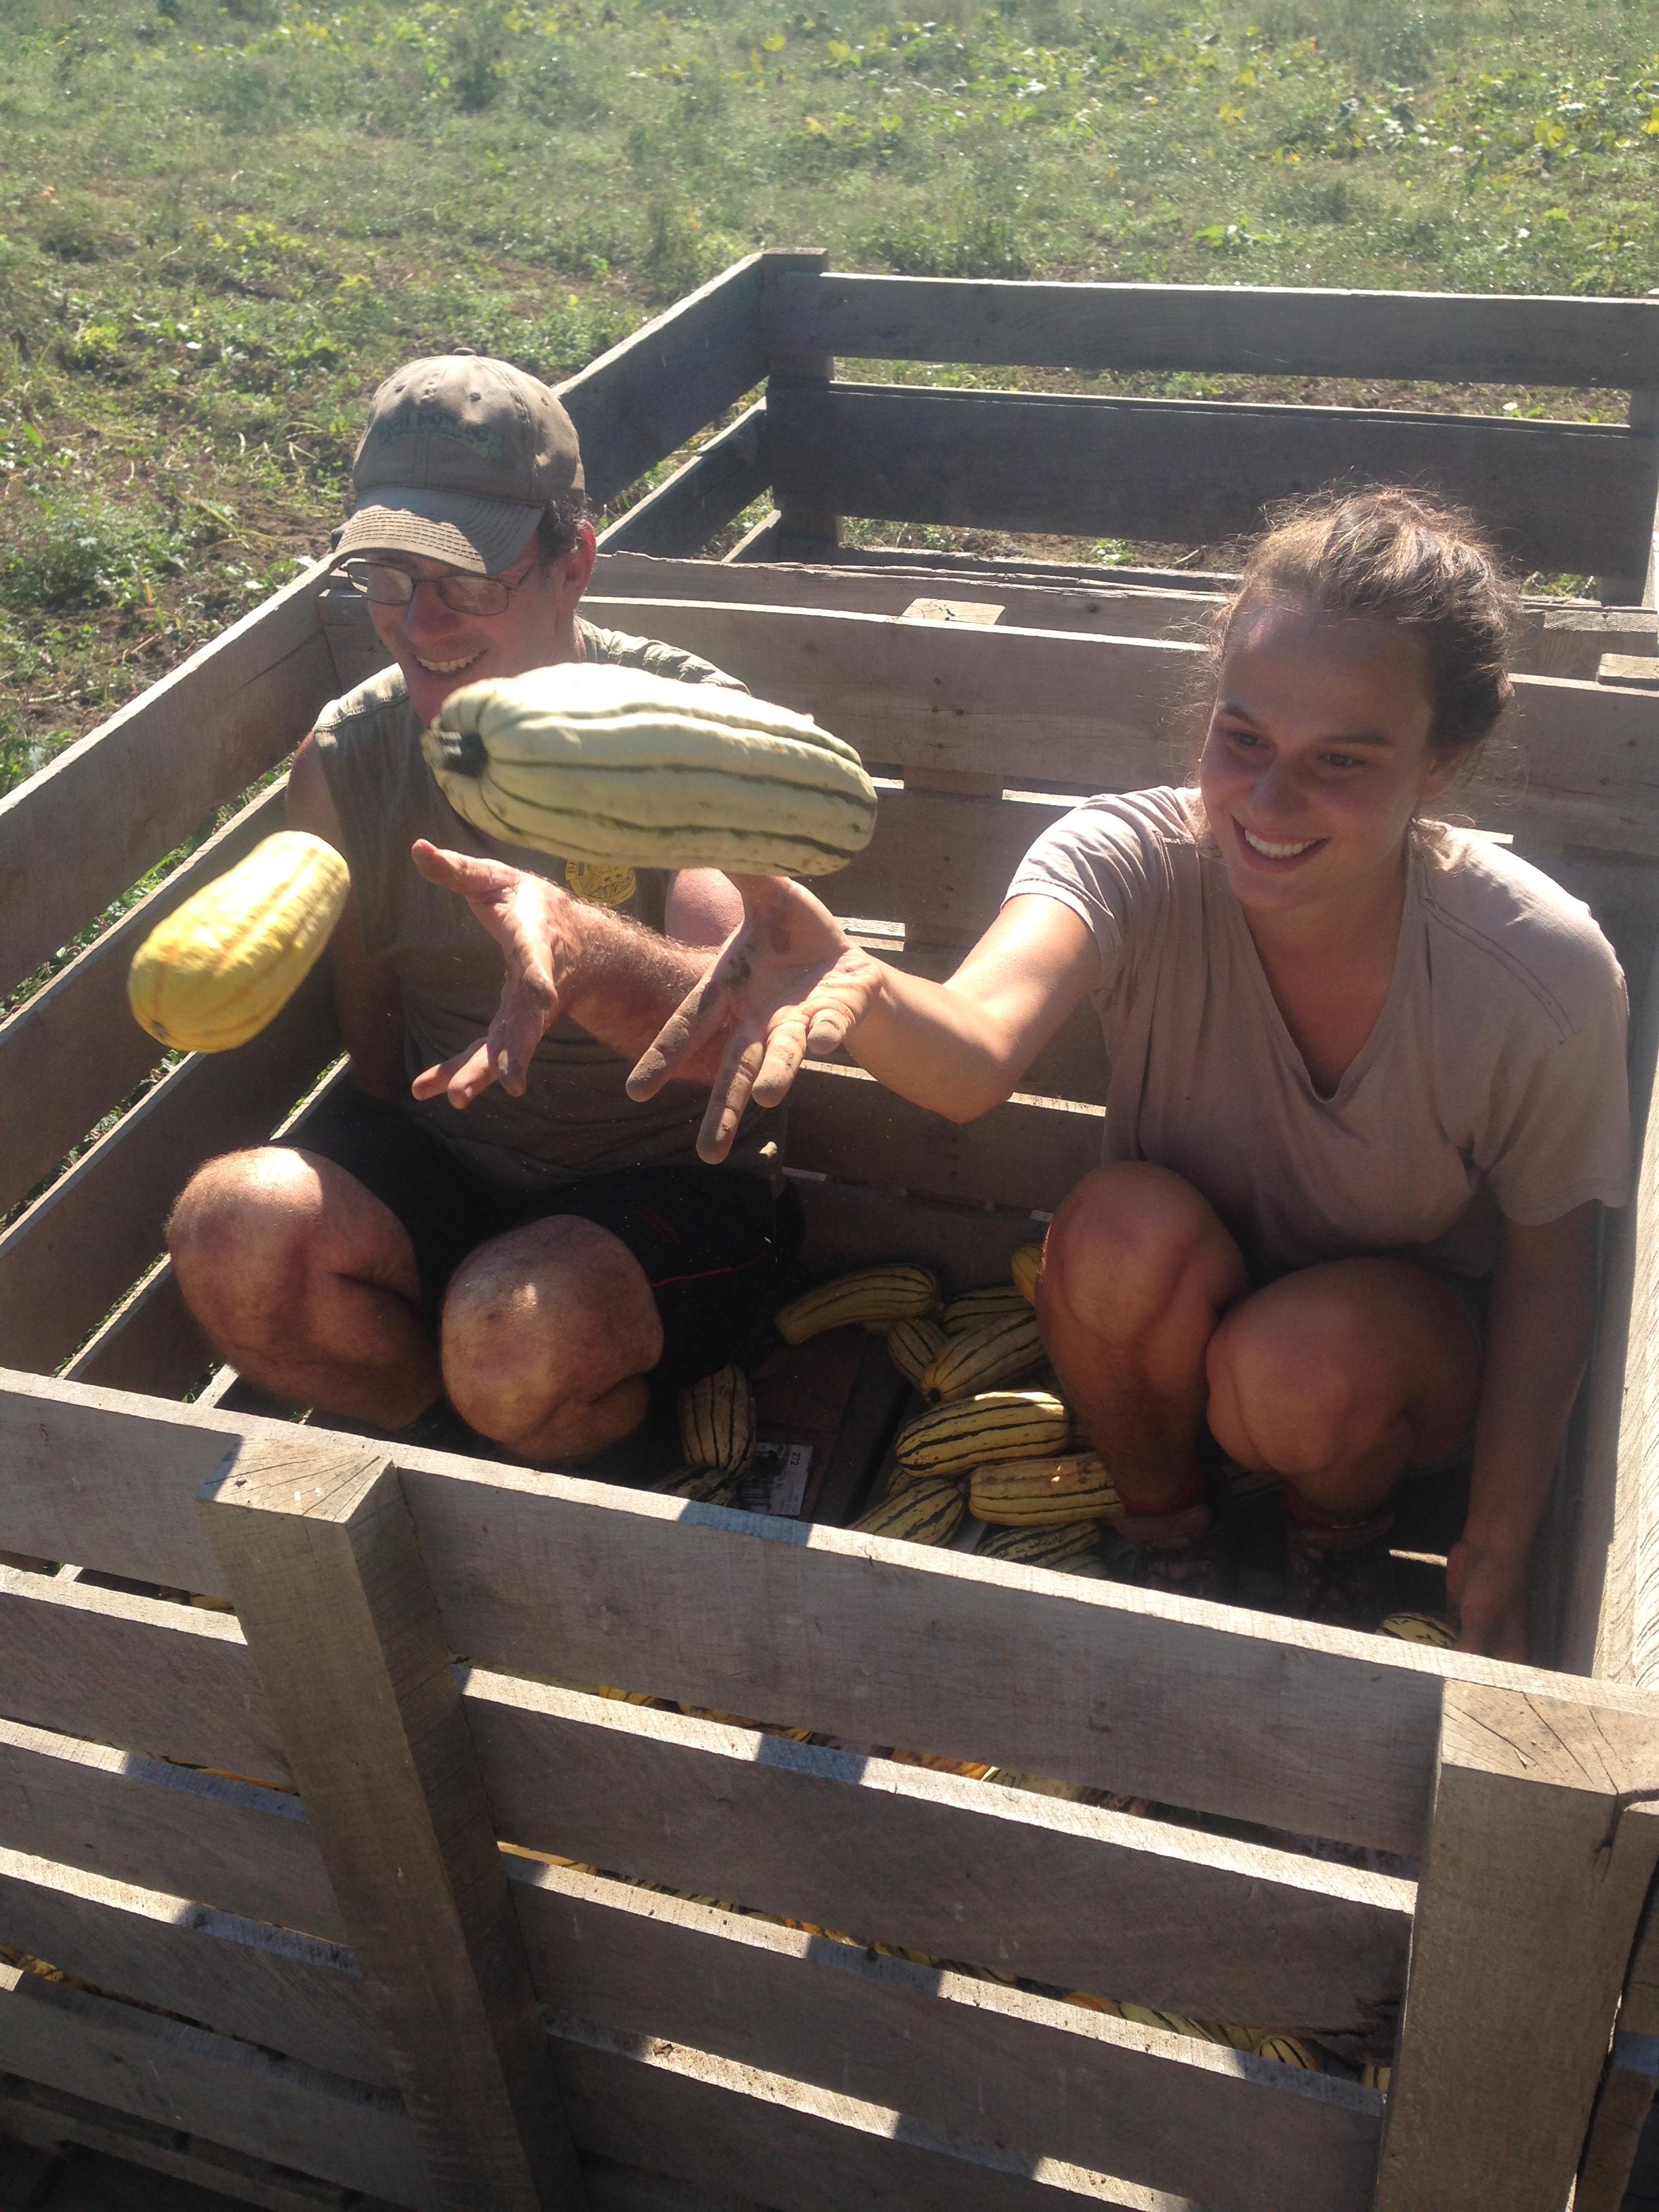 Farmer Dan and Farmer Zoe